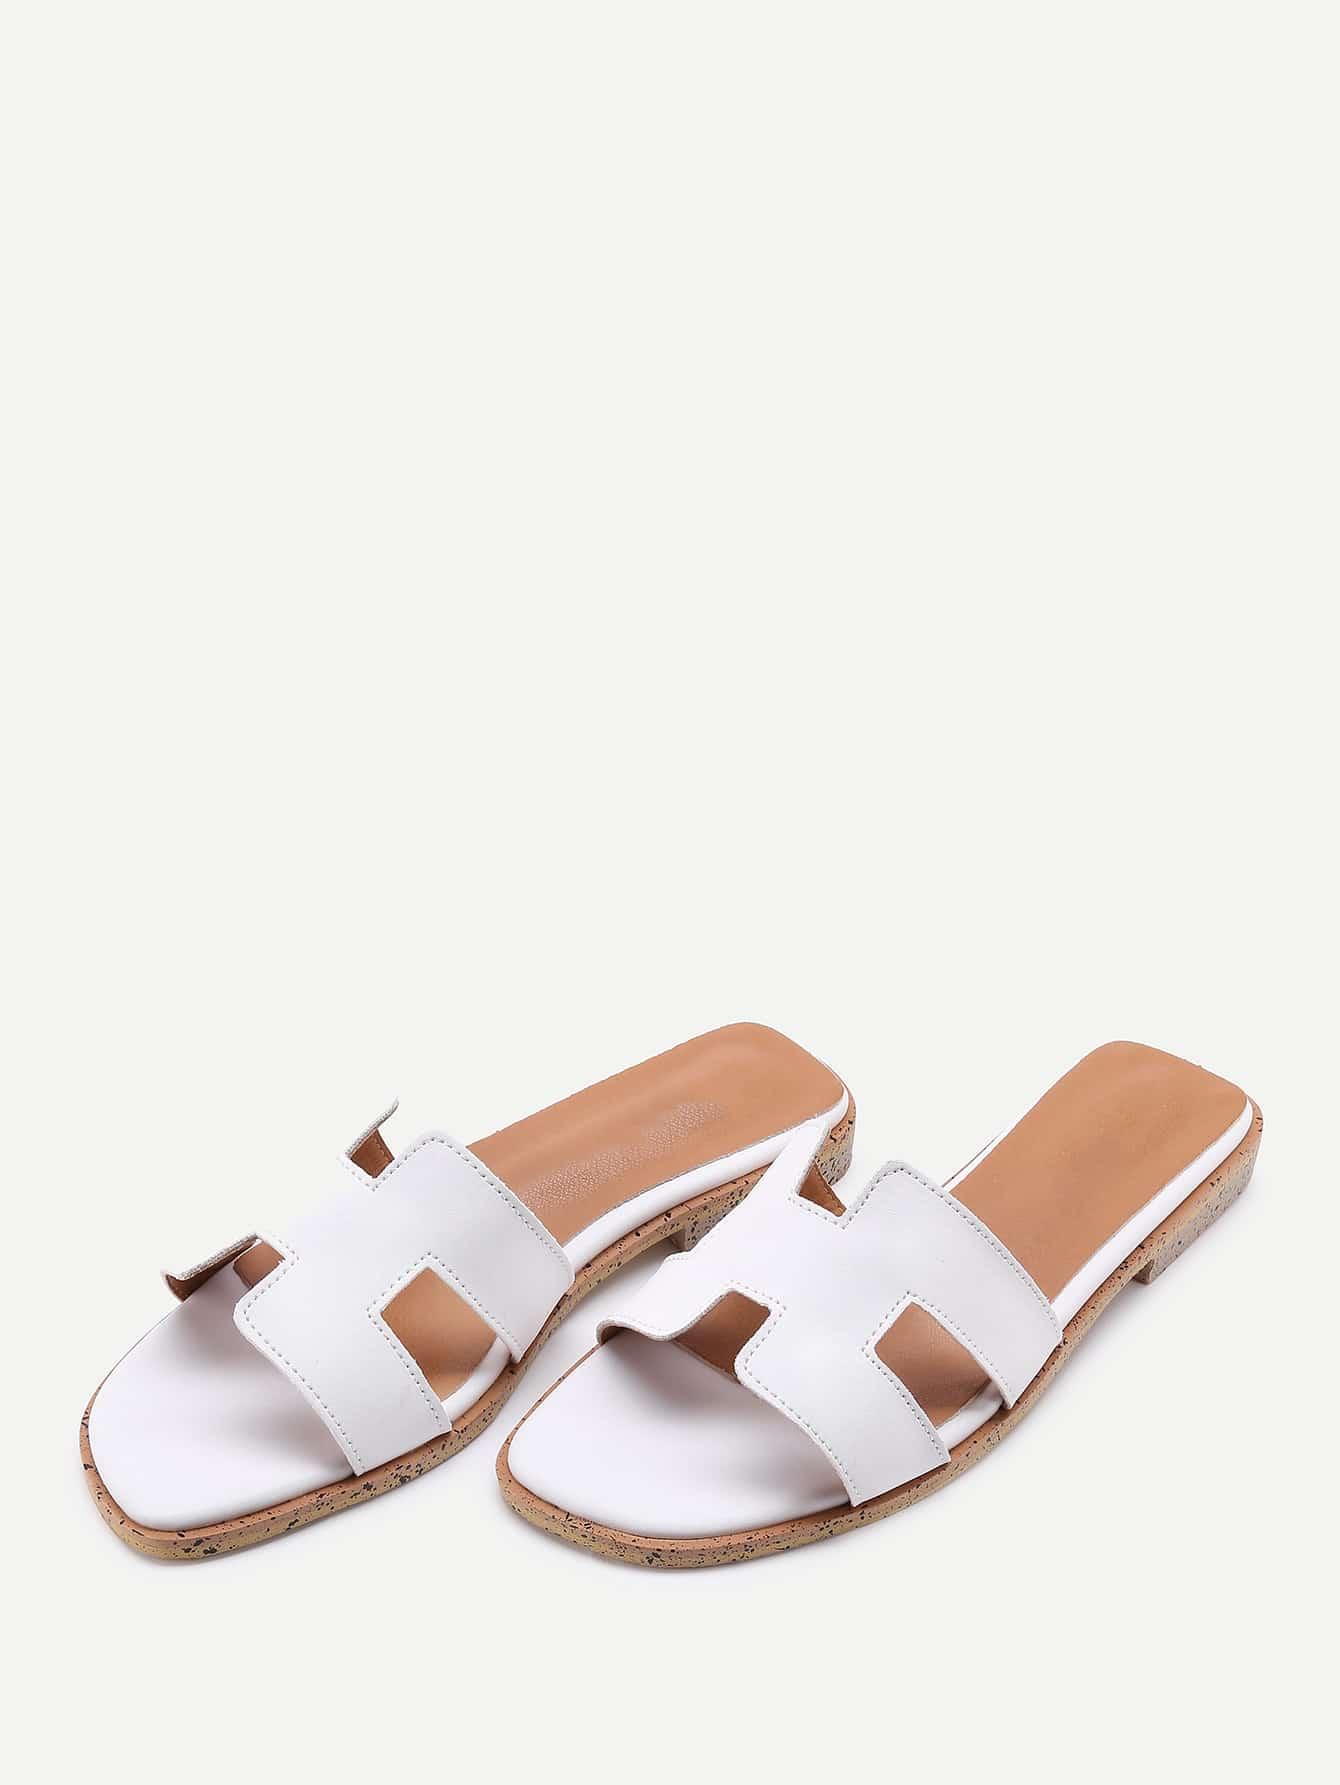 shoes170512808_2